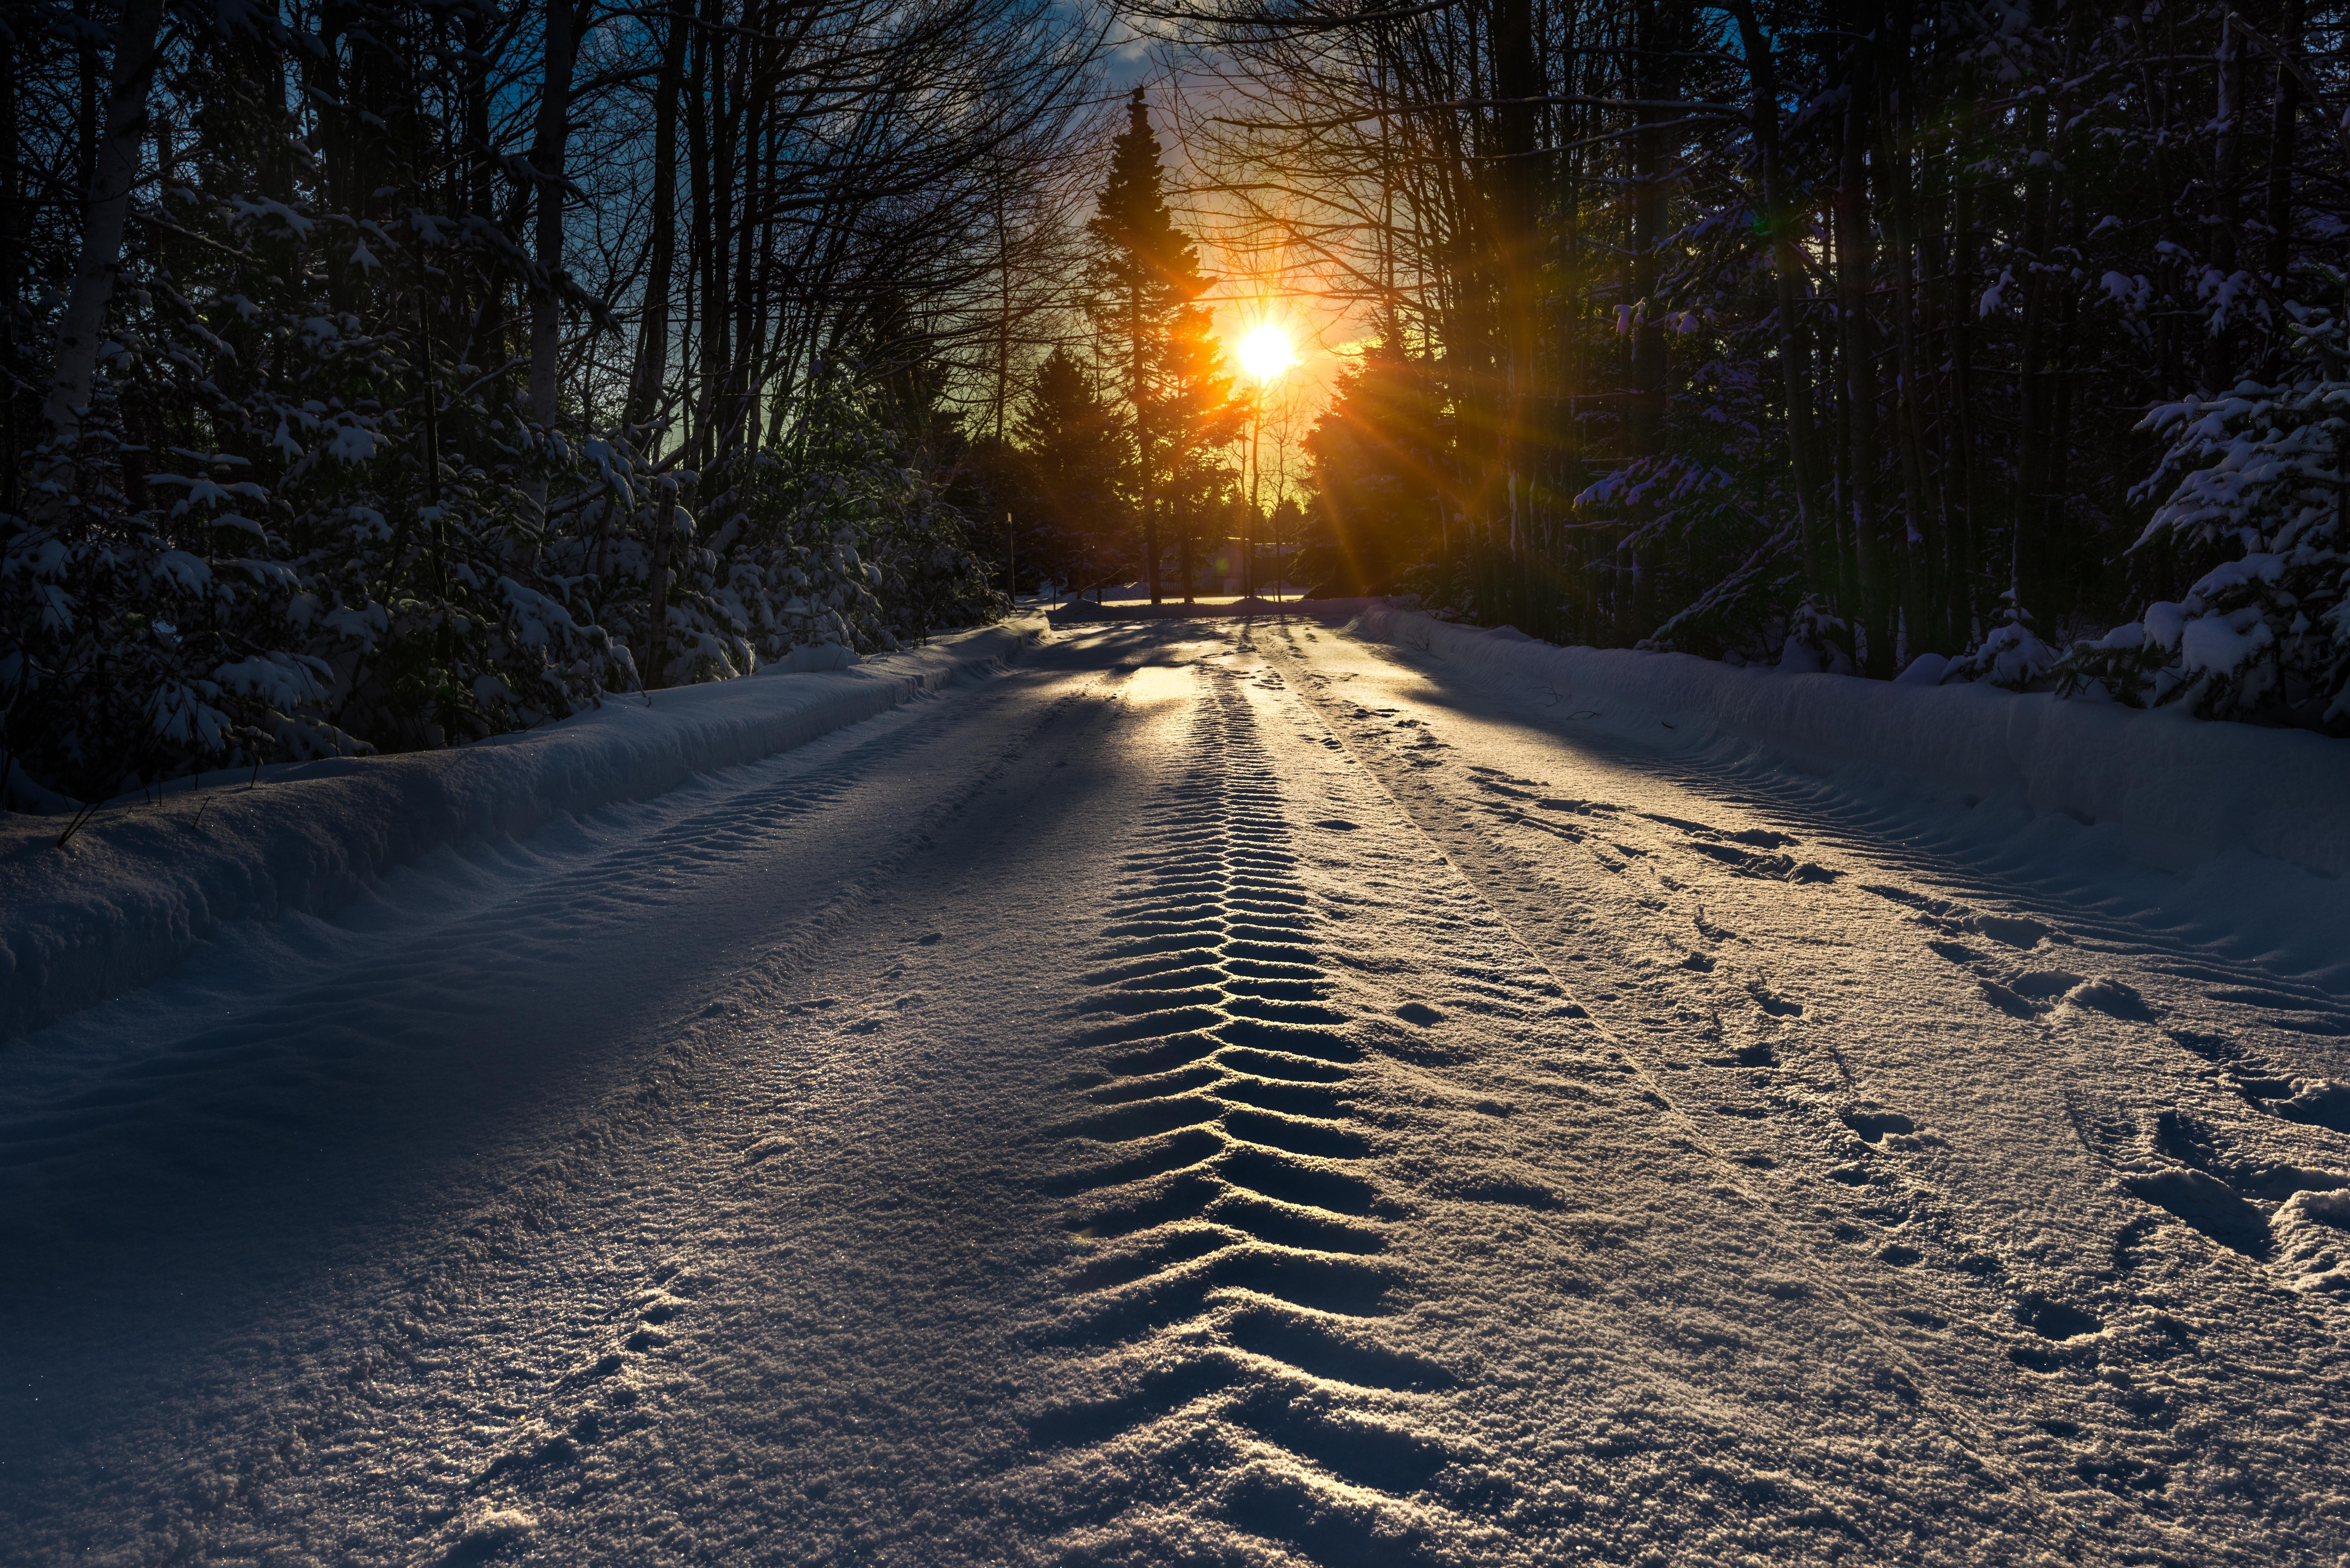 заснеженная дорога красивые фото снова камеру проделываете